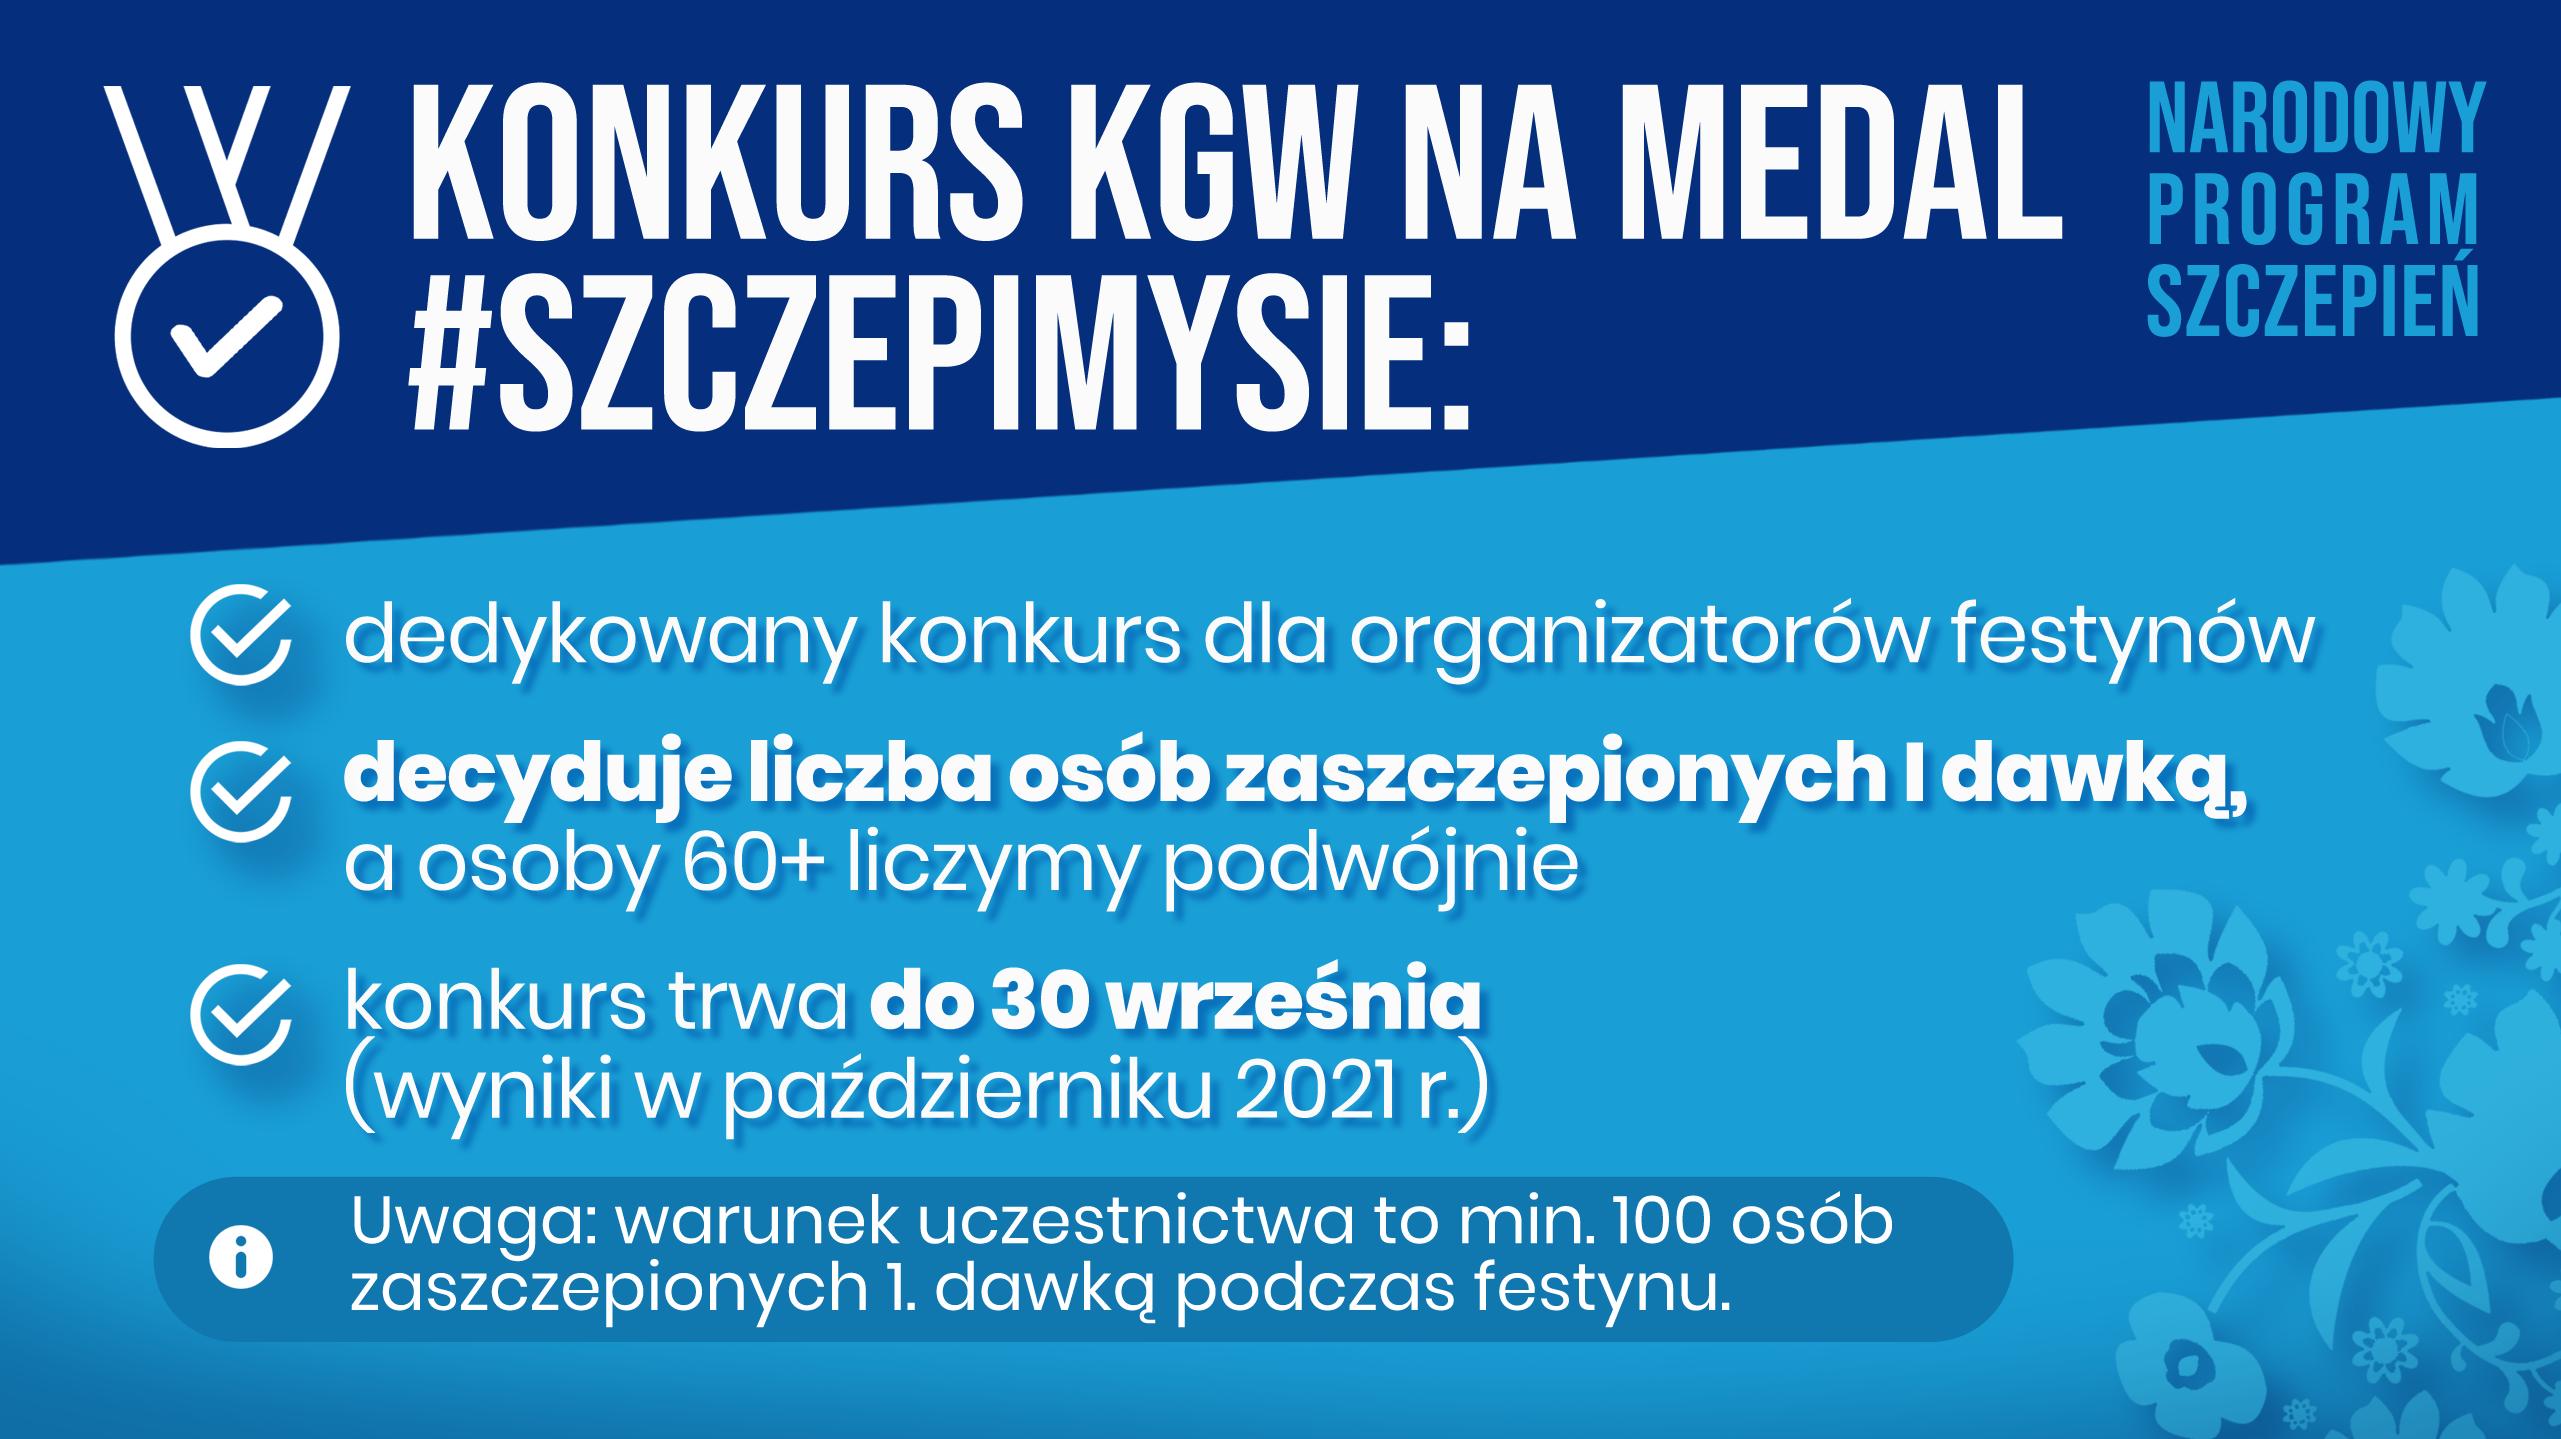 dedykowany konkurs kgw